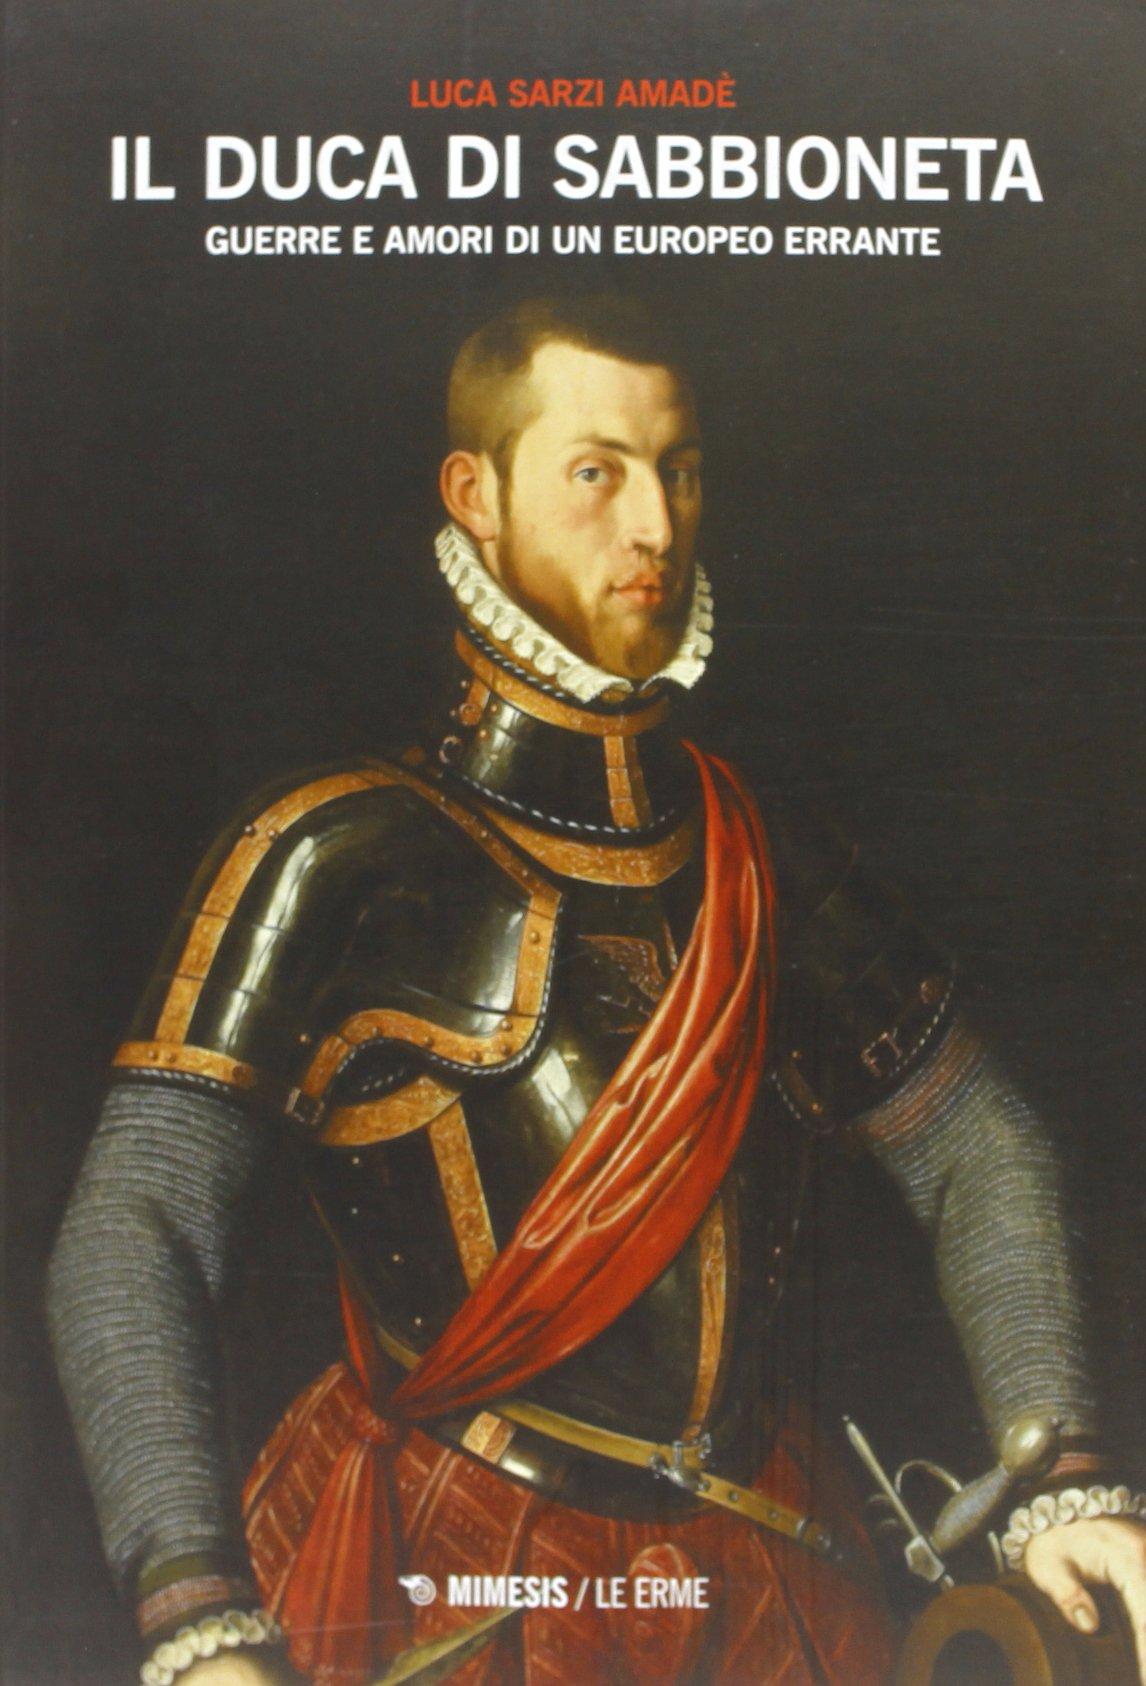 Il duca di Sabbioneta. Guerre e amori di un europeo errante